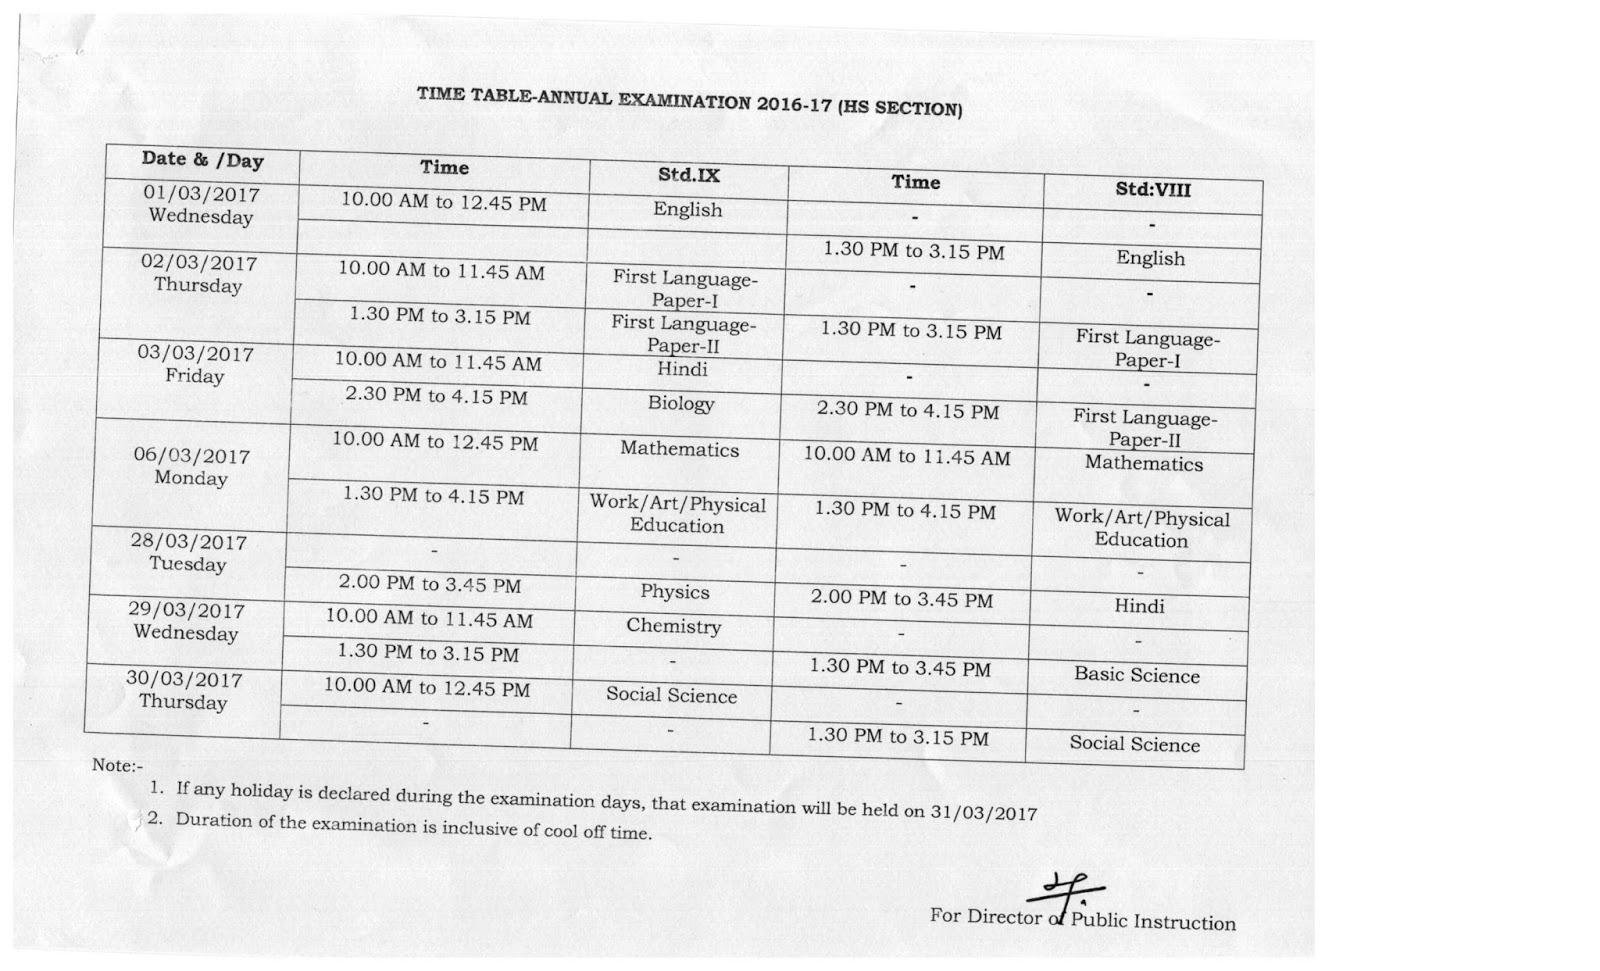 ബി.ആര്.സി മലപ്പുറം: ANNUAL EXAM TIME TABLE-2016-17